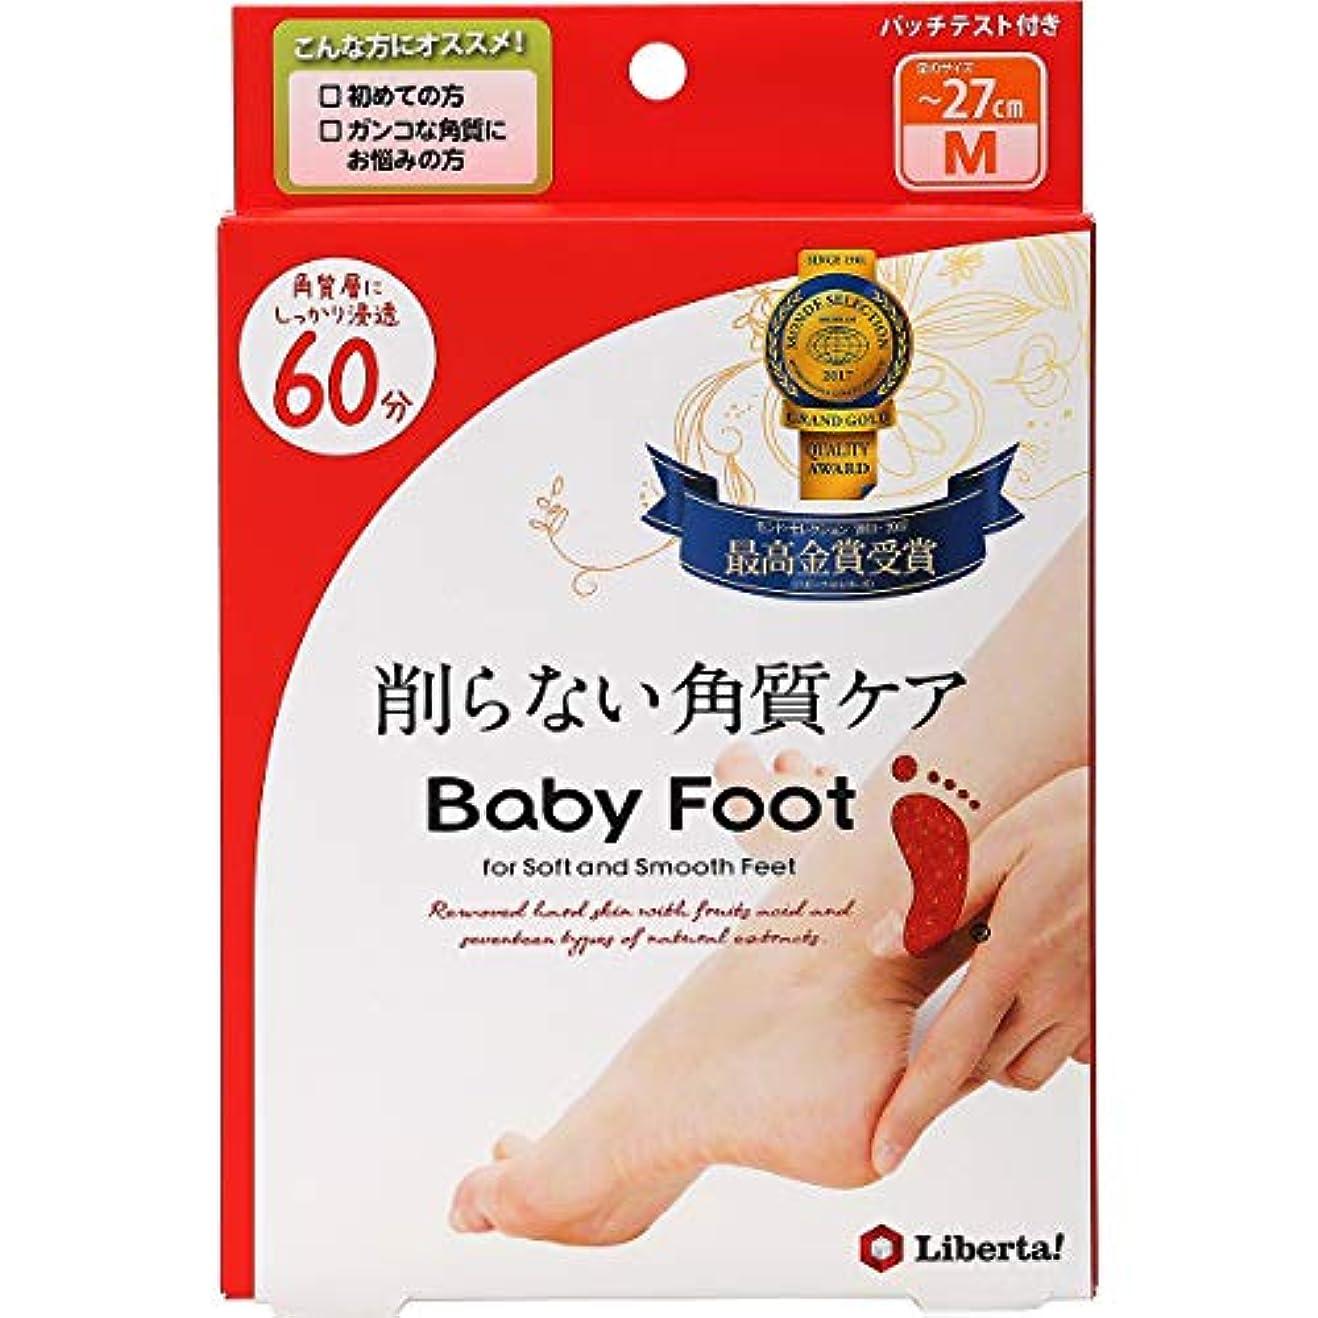 デマンドスタジオストローベビーフット (Baby Foot) ベビーフット イージーパック SPT60分タイプ Mサイズ 単品